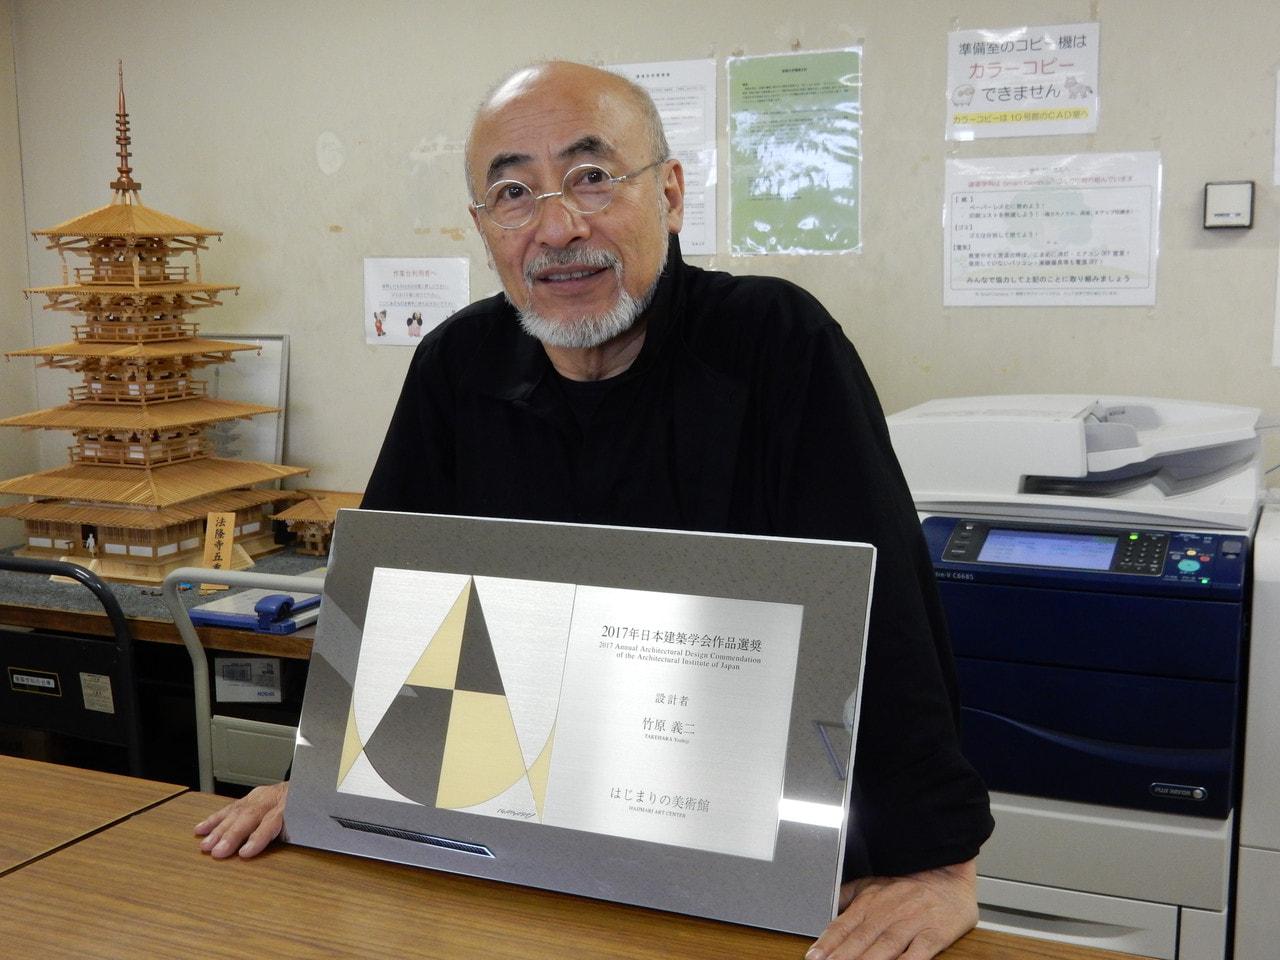 竹原先生が「2017年建築学会作品選奨」を受賞